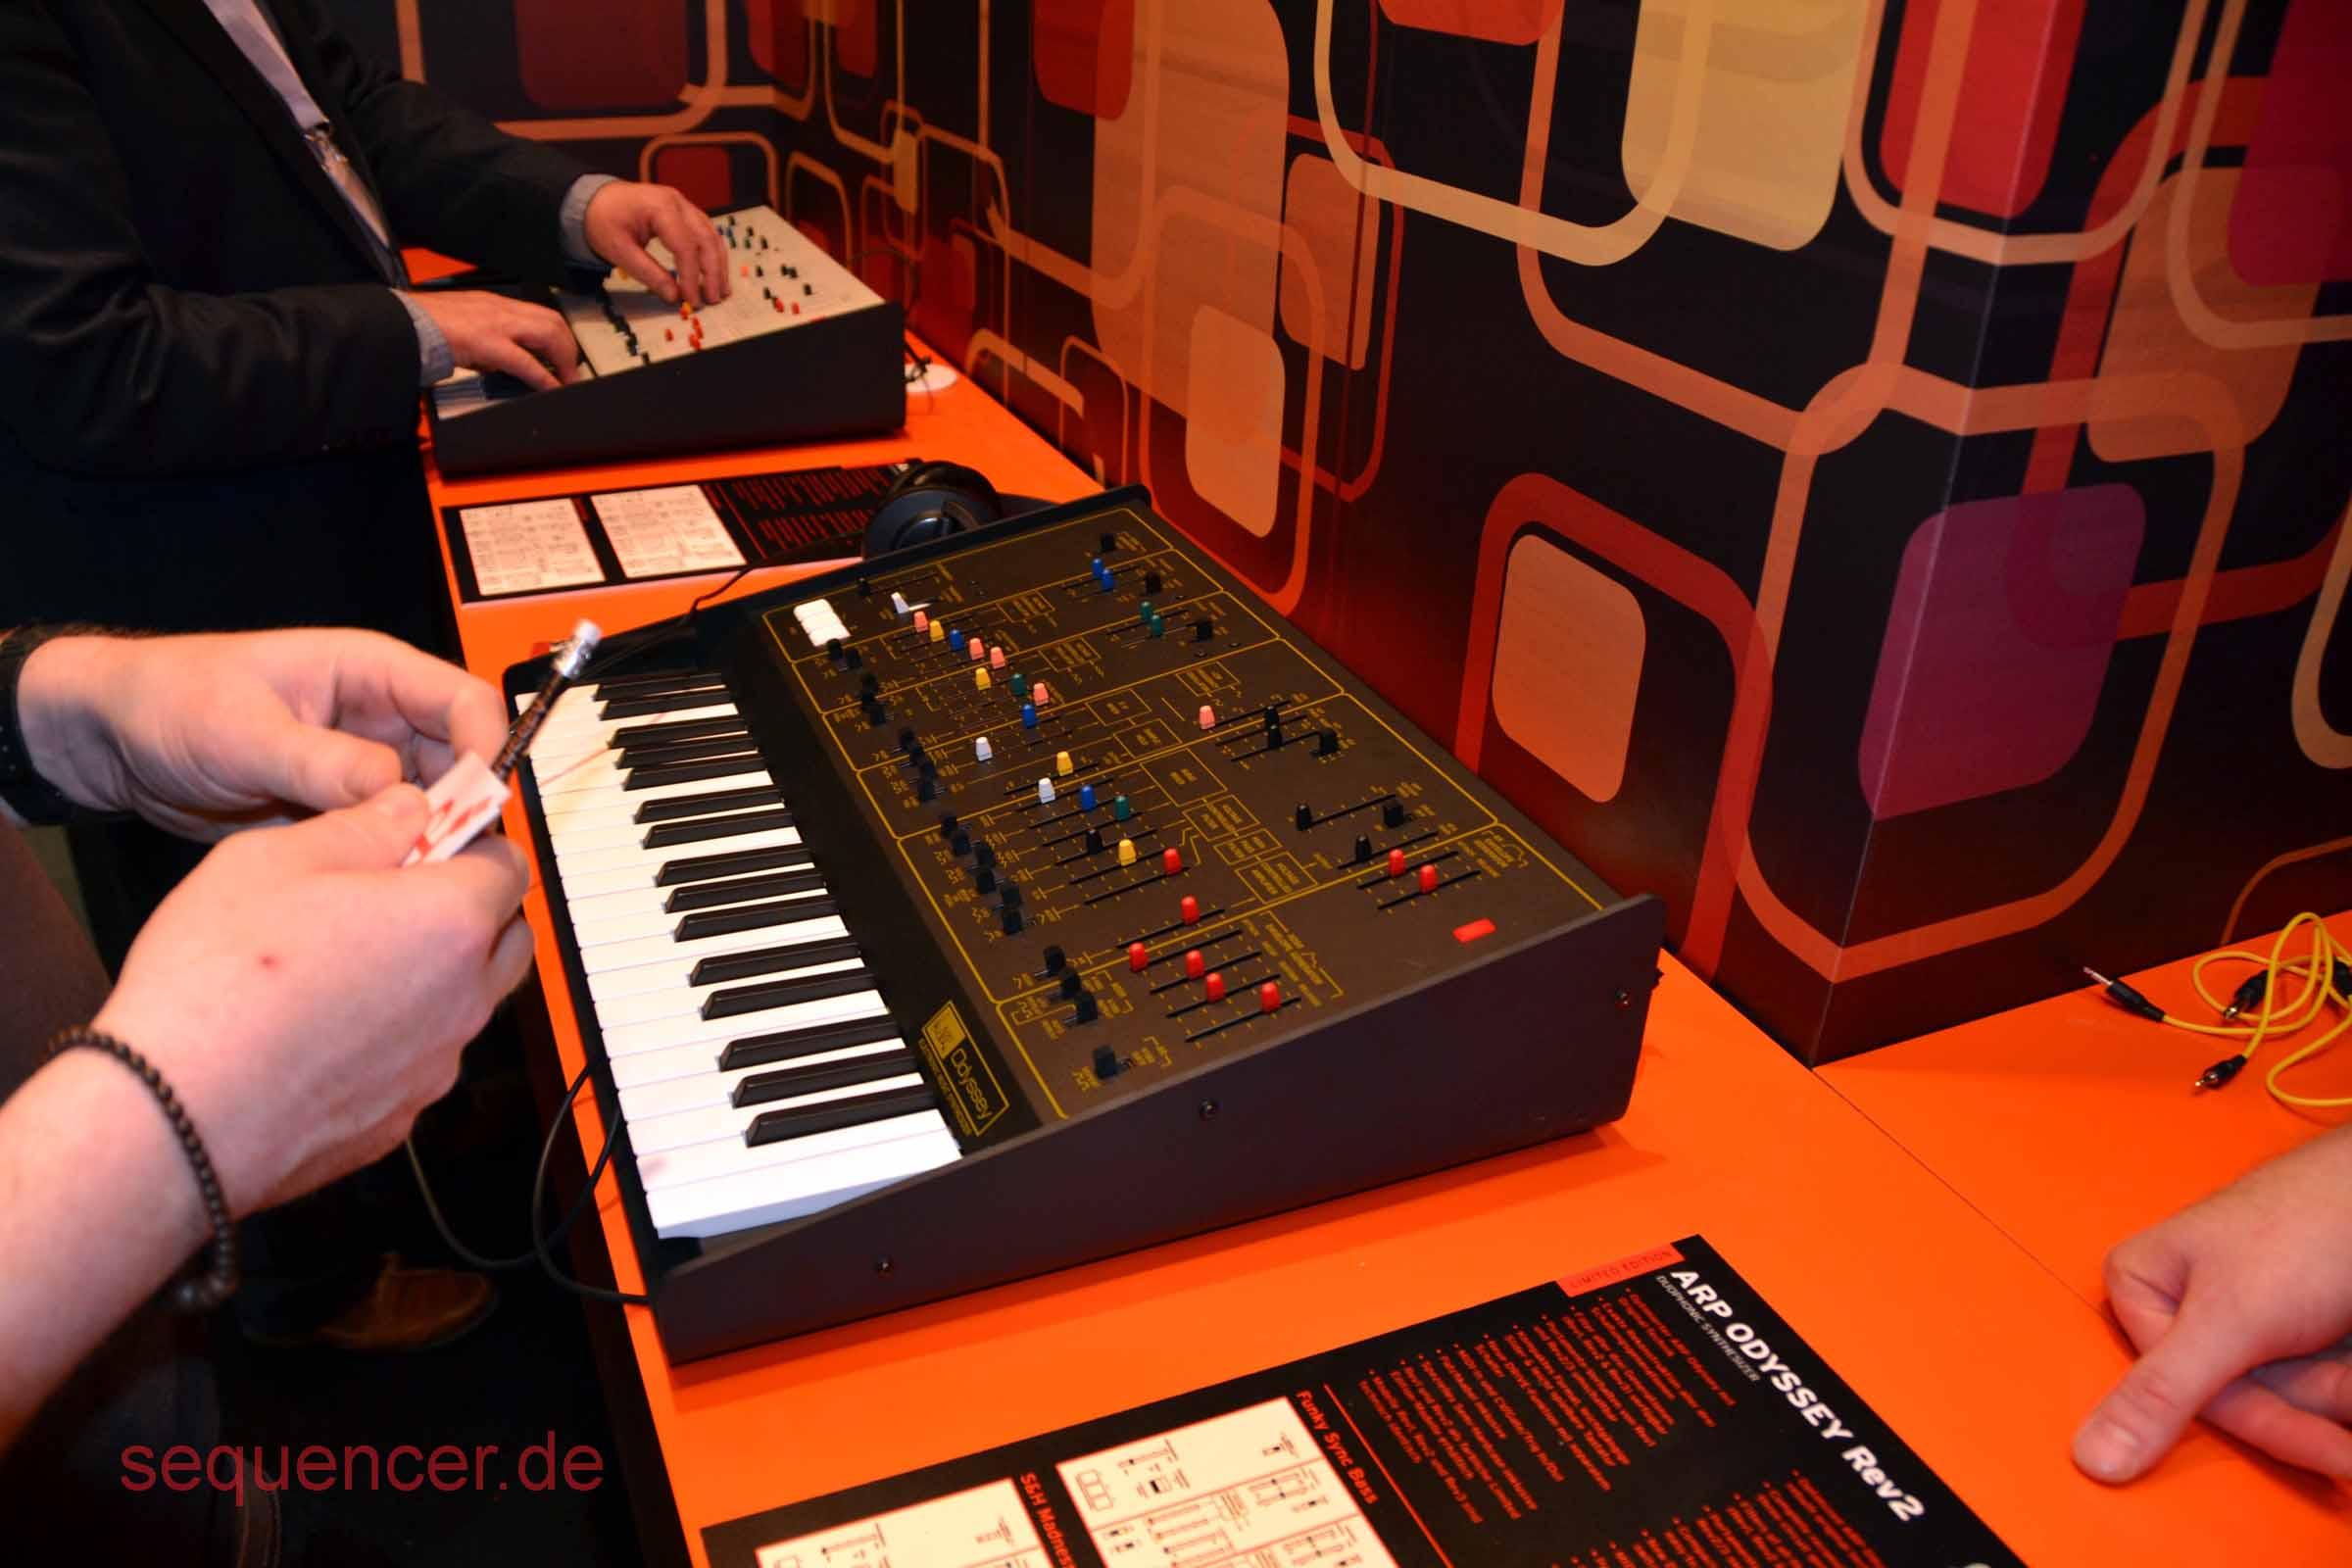 Korg Odyssey Rev2 Korg Odyssey Rev2 synthesizer